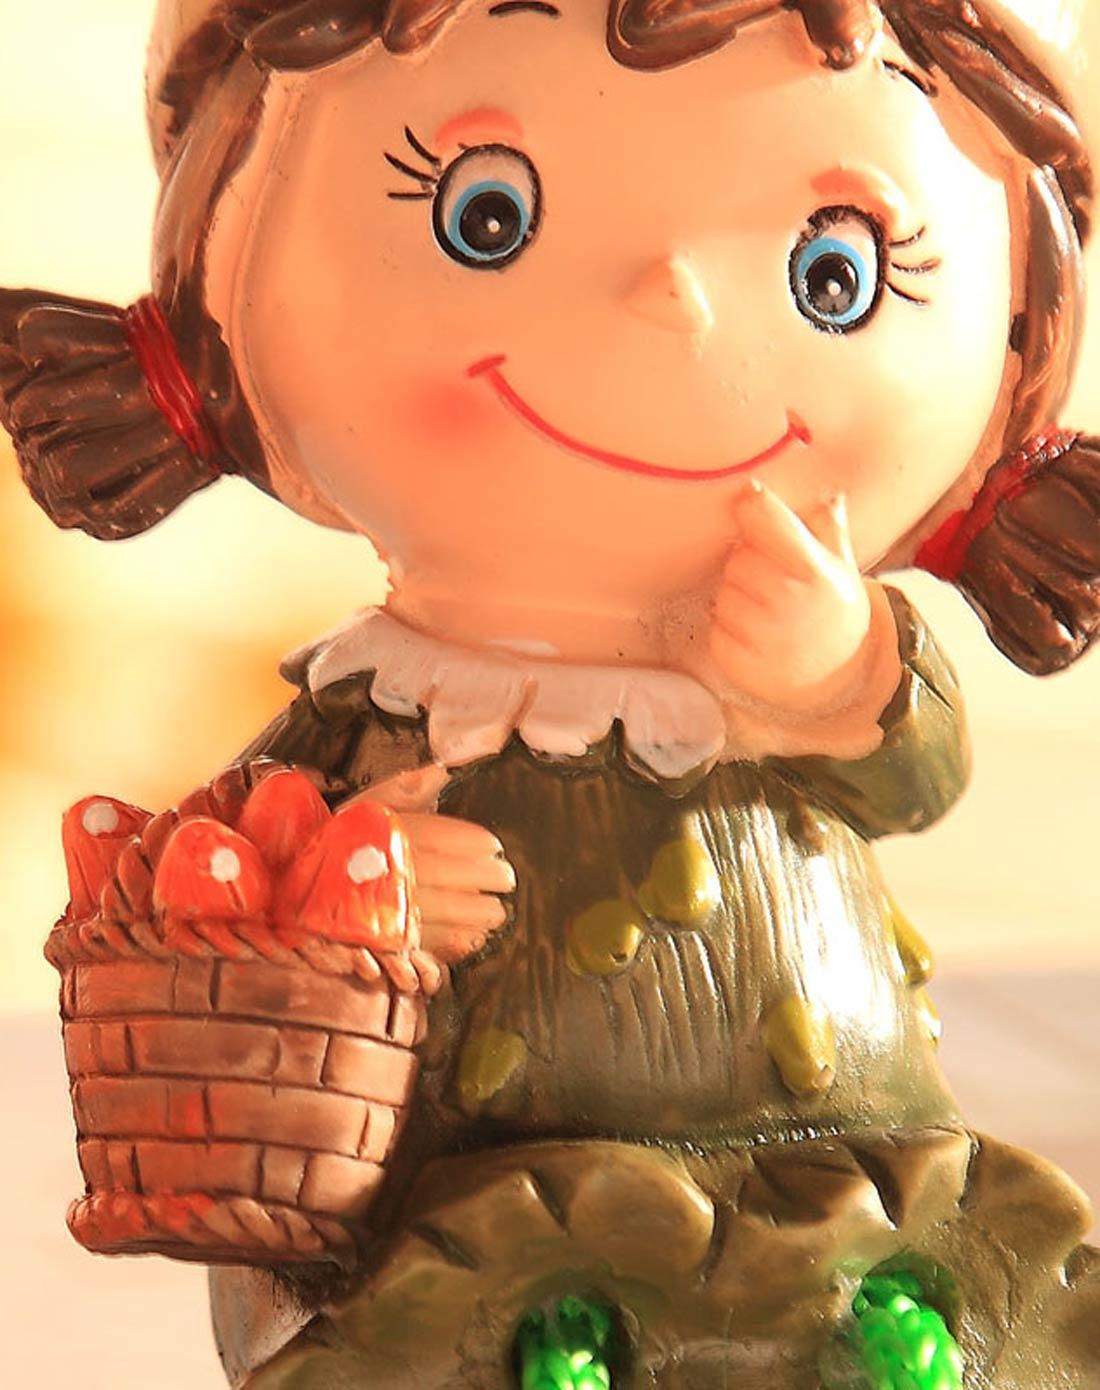 卡通树脂家居工艺摆件吊脚娃娃-玉米娃娃图片